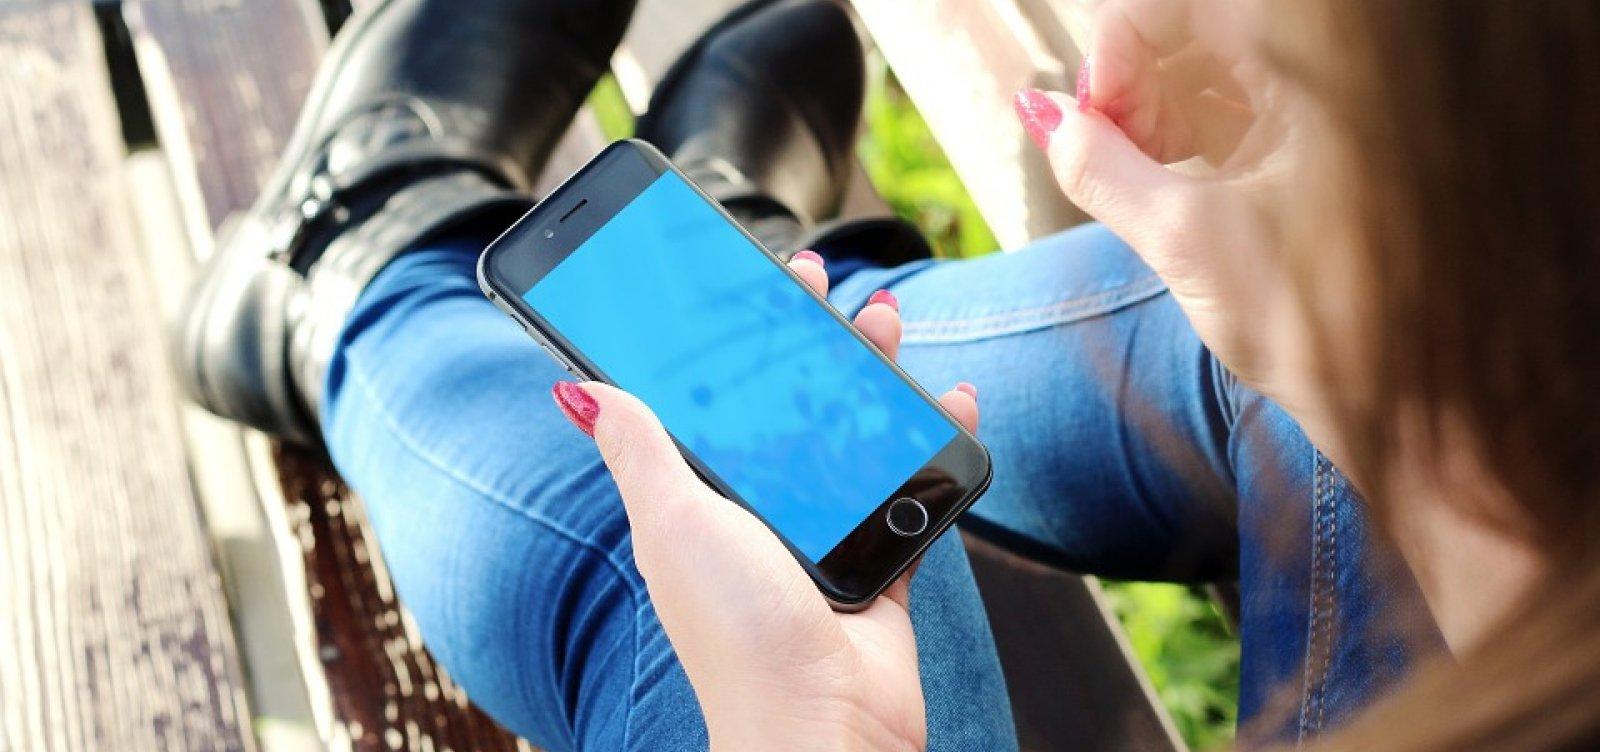 [Acordo vai acabar com cobrança de roaming para países do Mercosul]